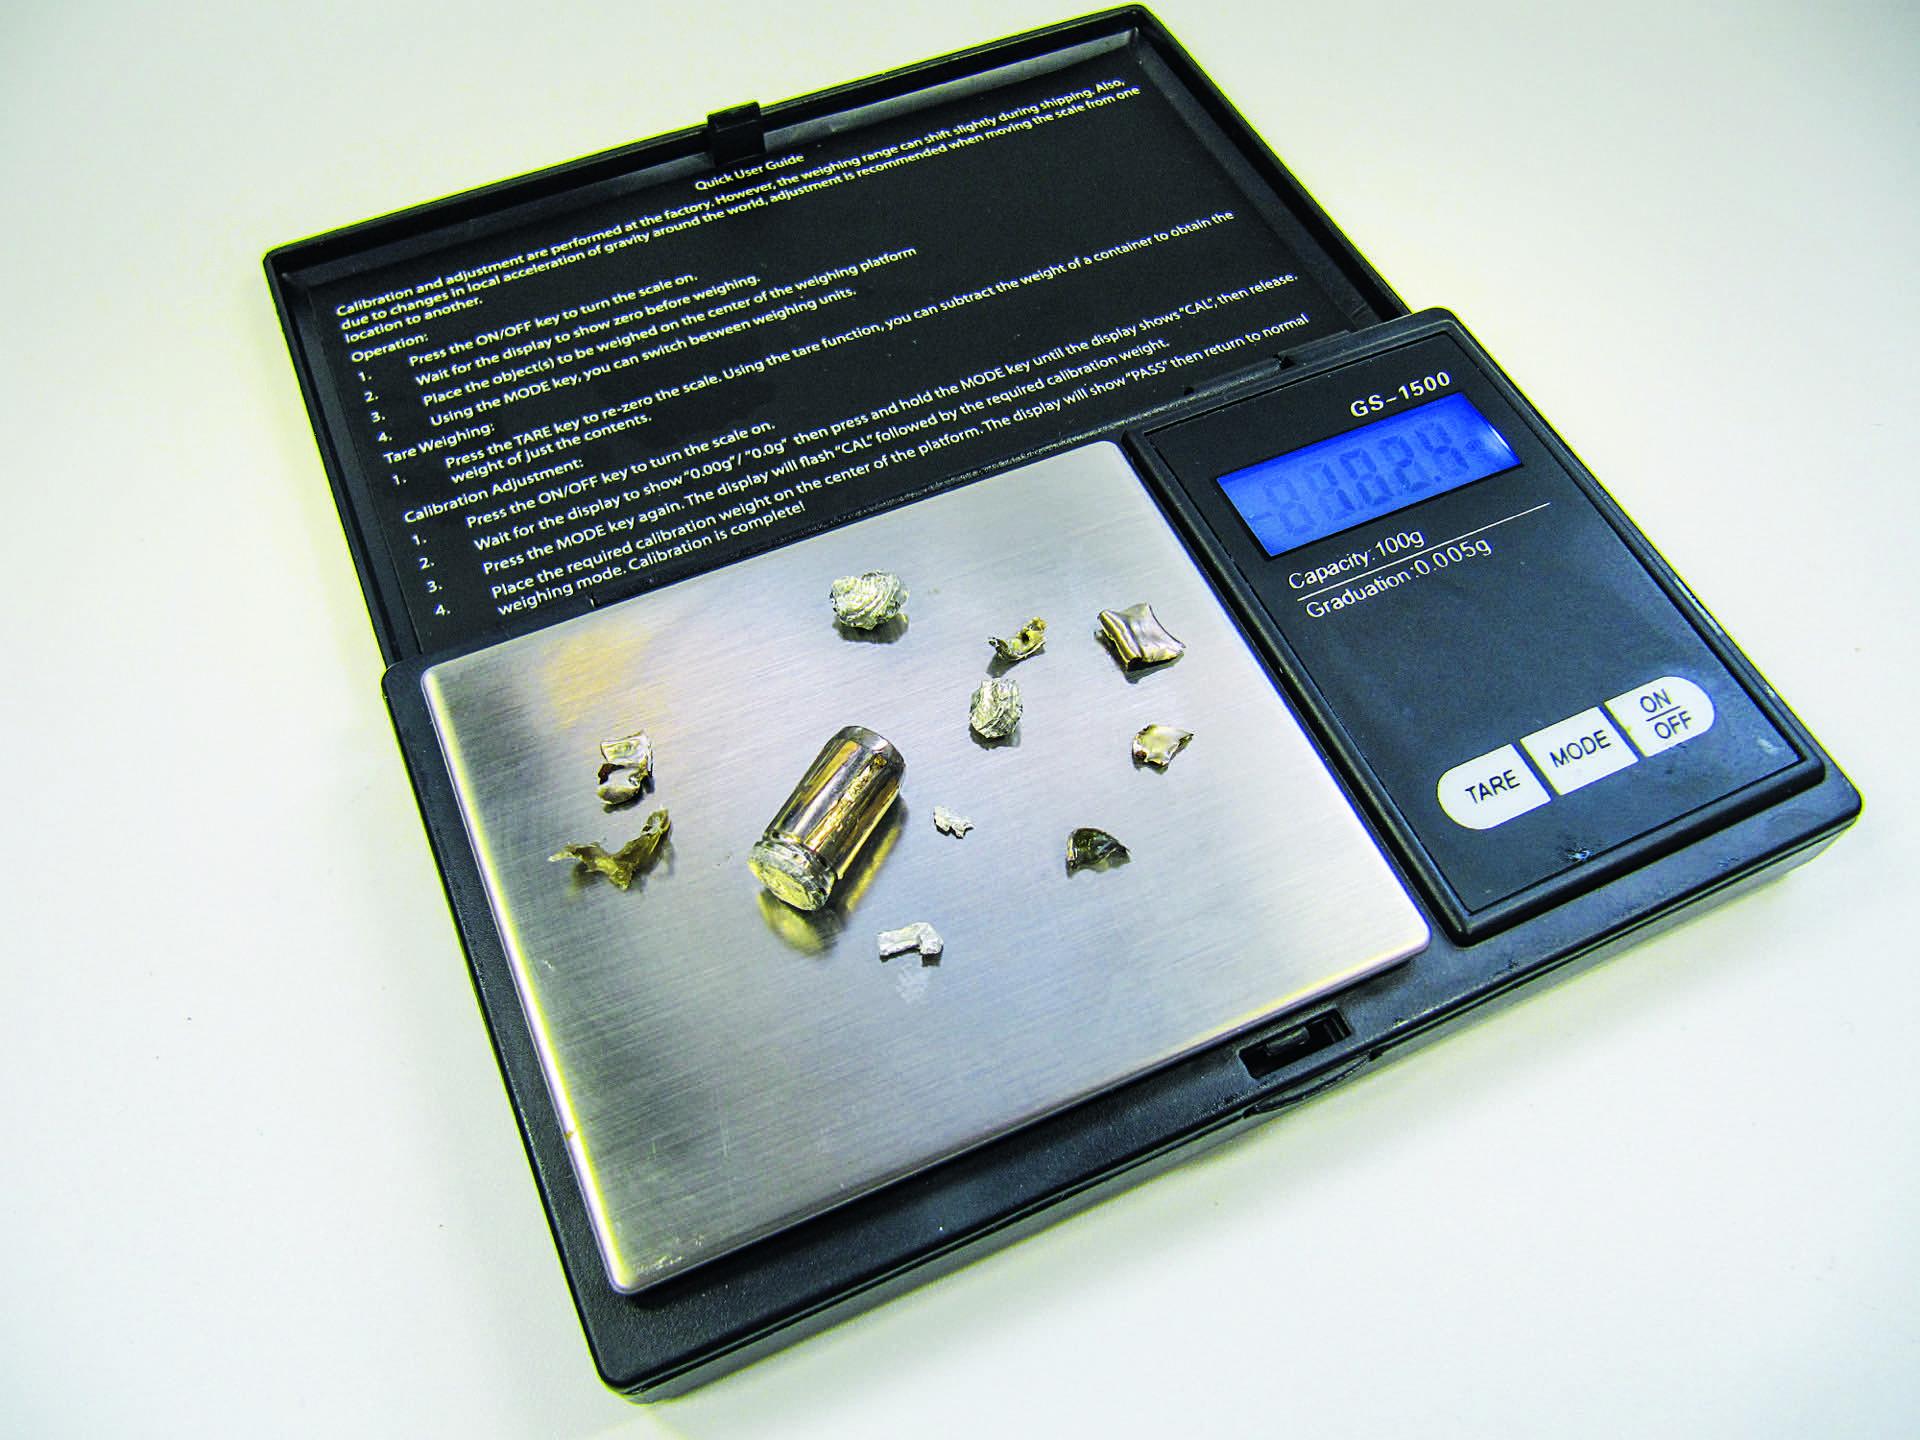 KB 3a Bild 08b_Evo Green on scale jaegermagazin jagd bleifreie munition kaliber beschuss buechse